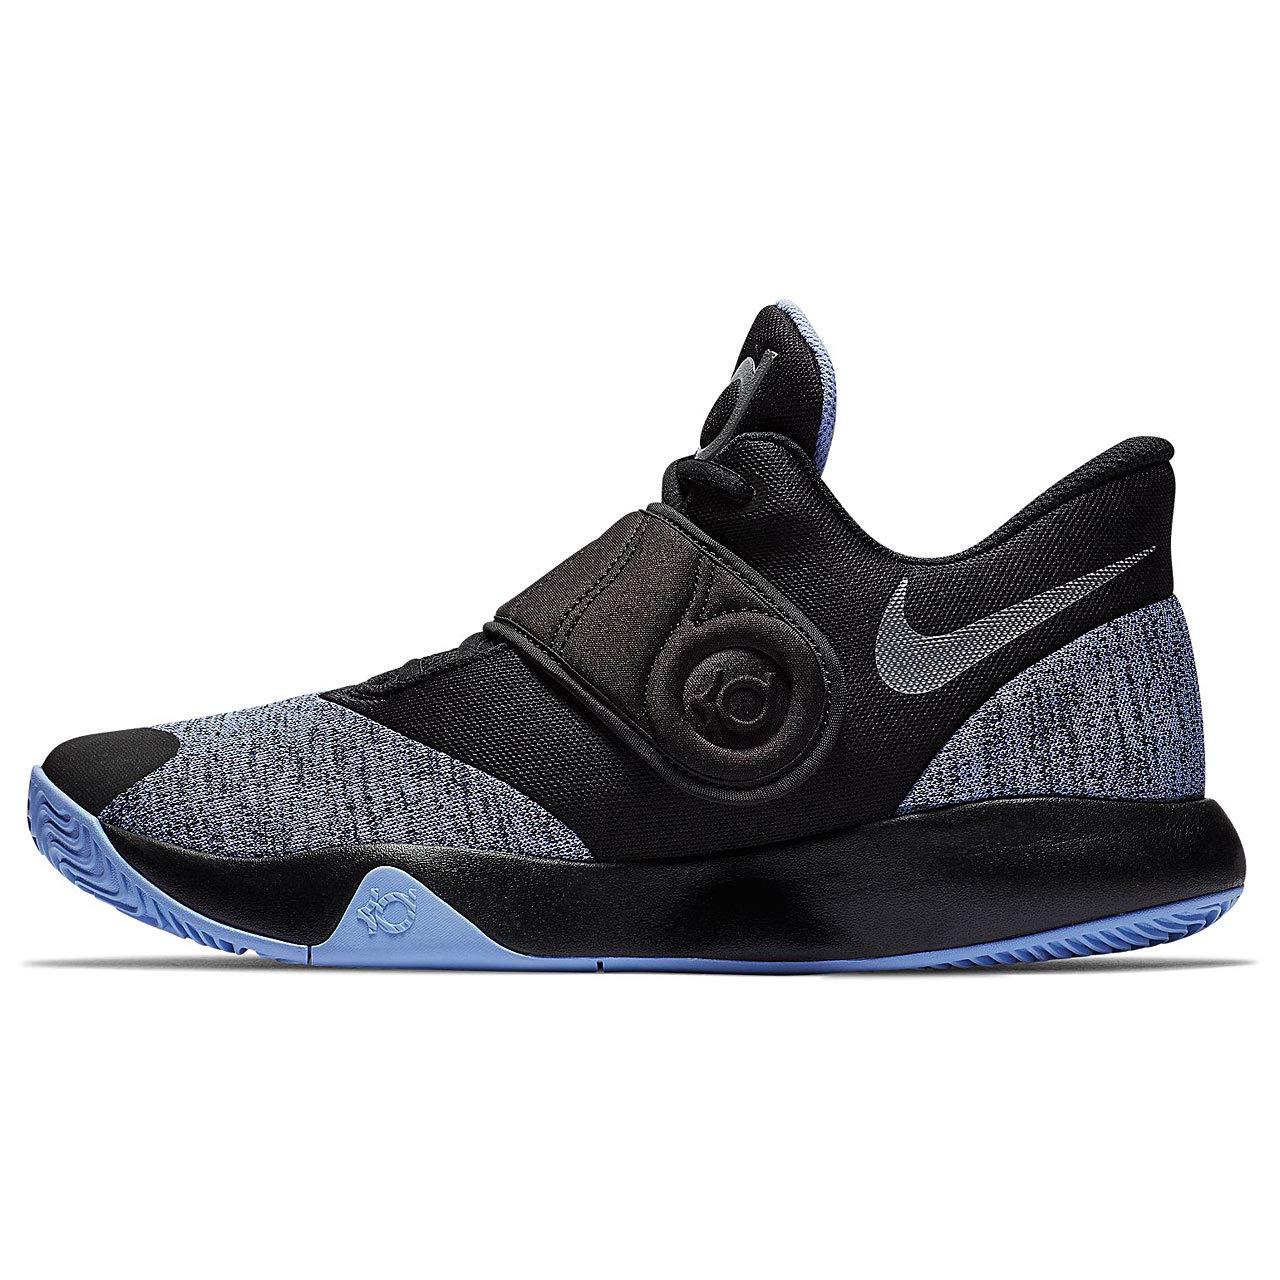 Buy Nike Men's Kd Trey 5 Vi Black/MTLC